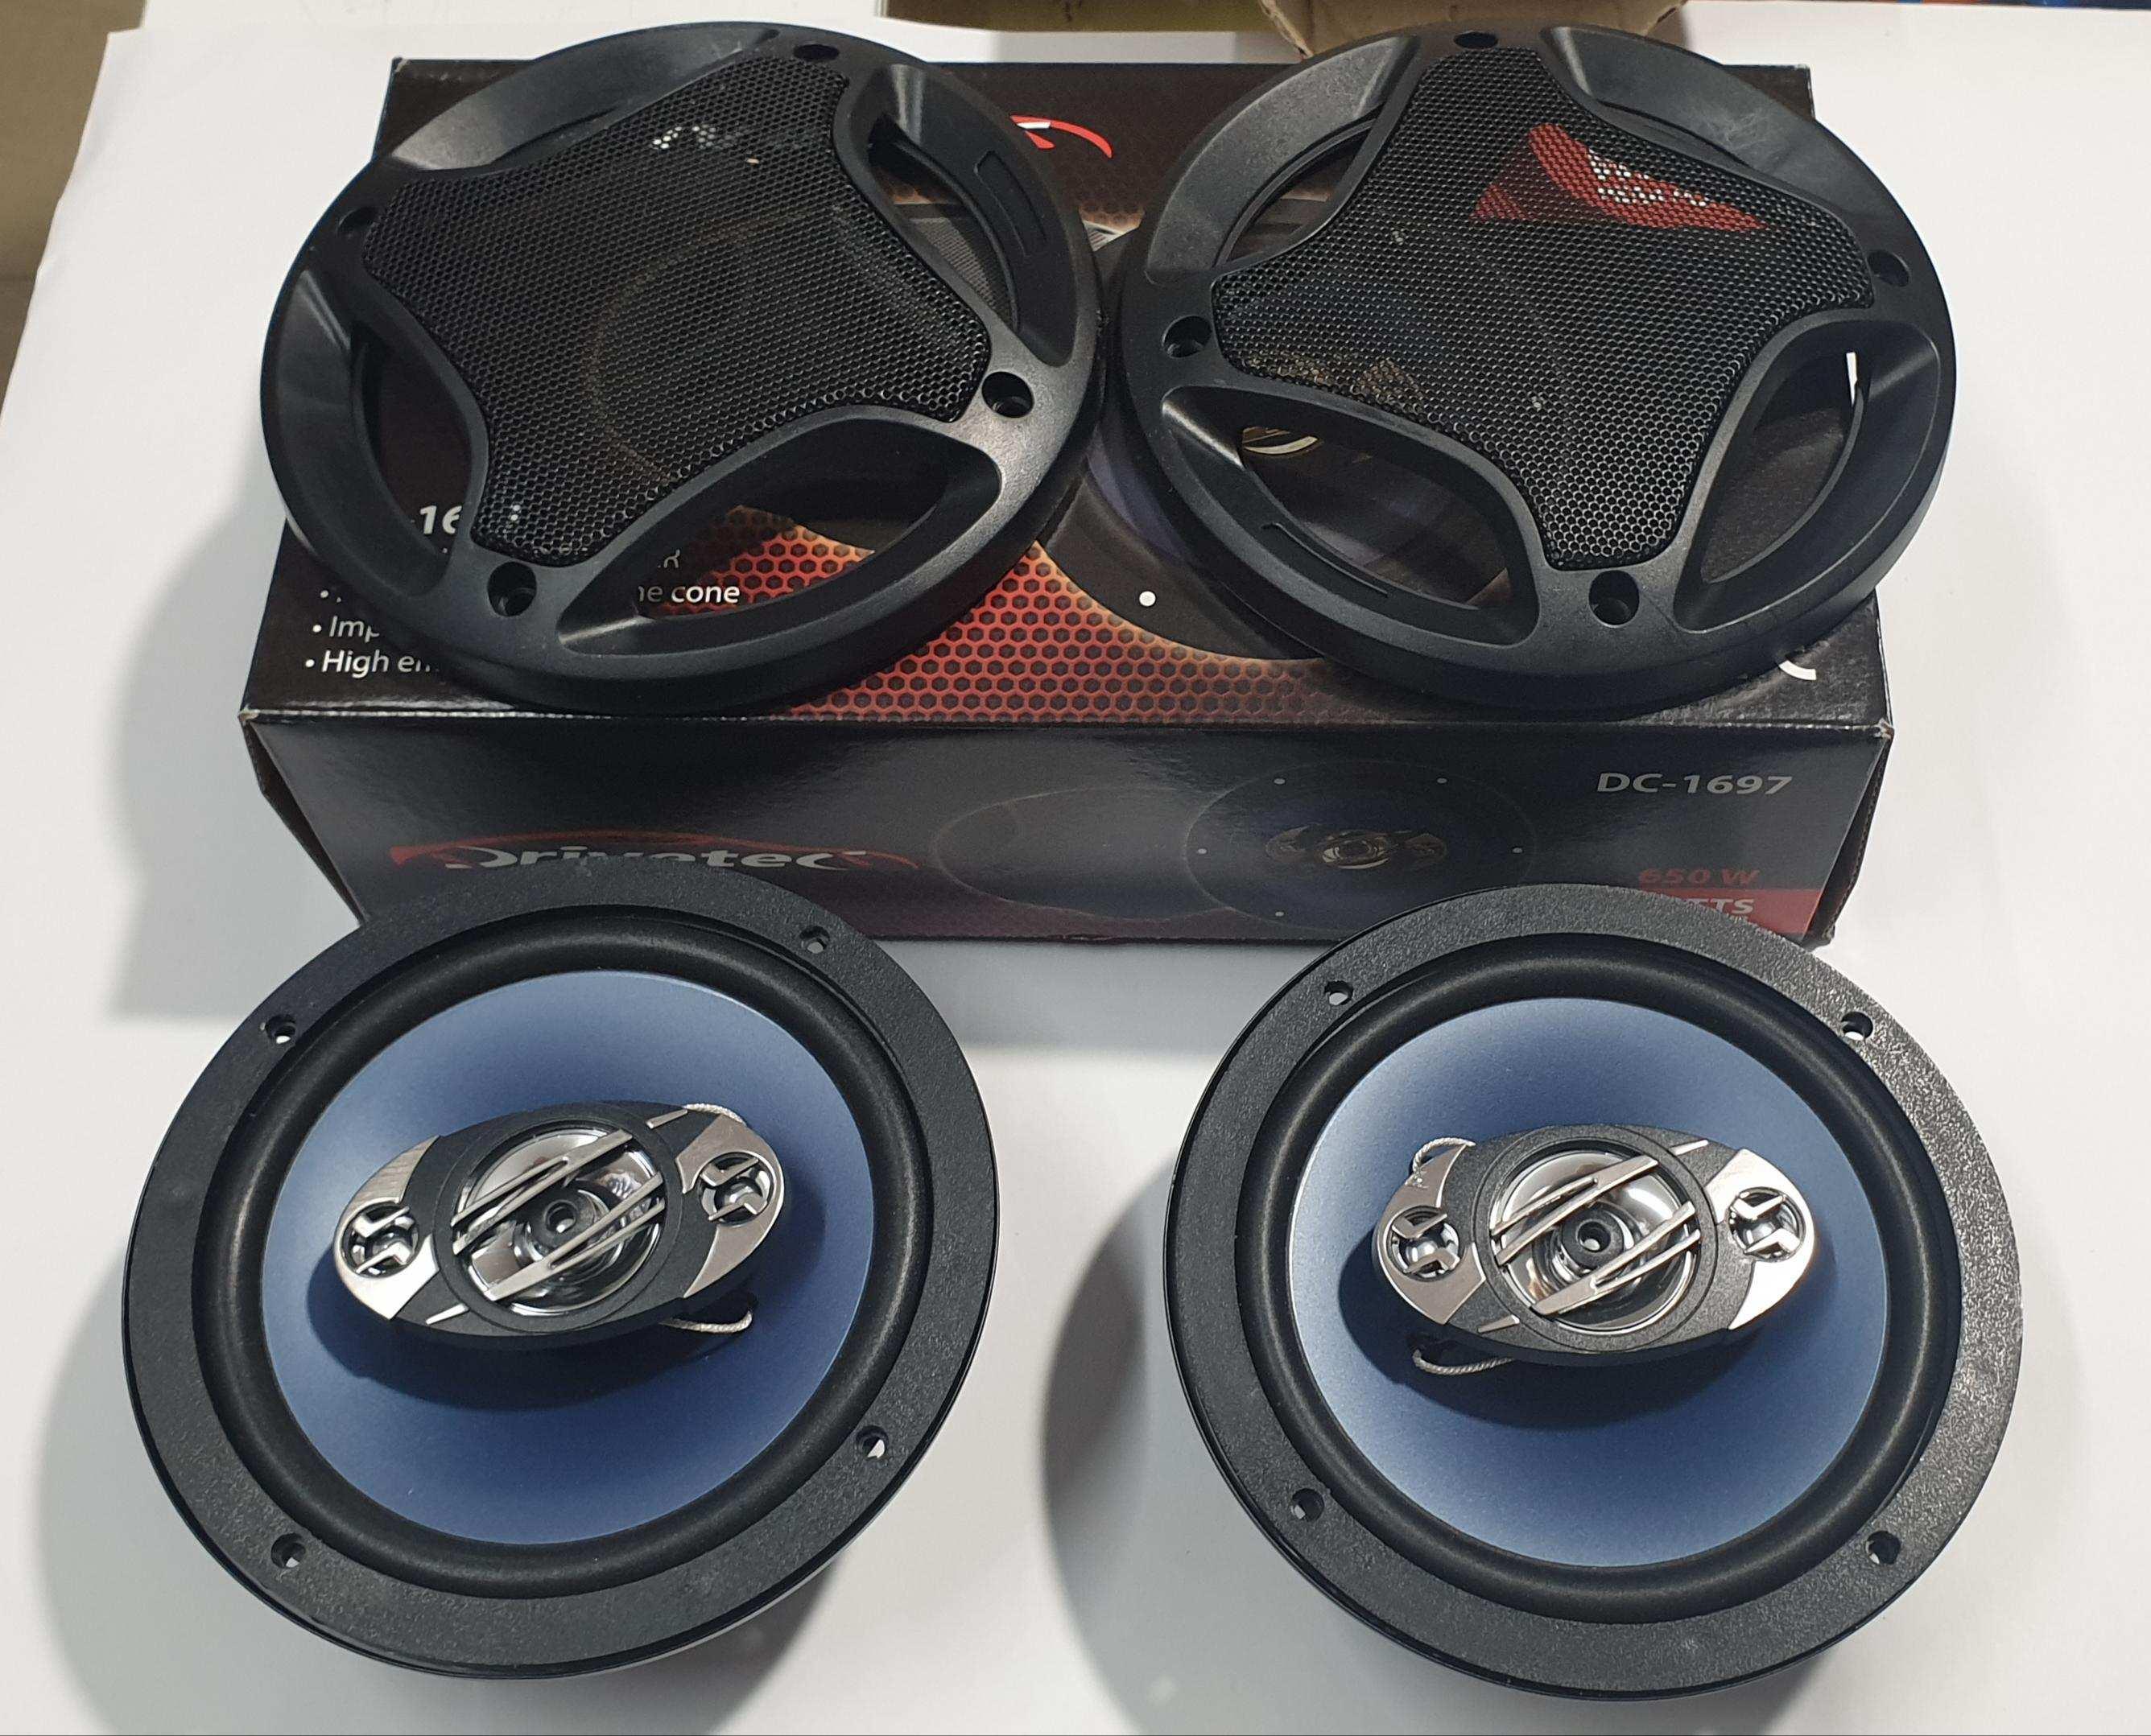 Drivetec Oto Hoparlör Çeşitleri Yüksek Kalite Uygun Fiyat 10-13-16 cm